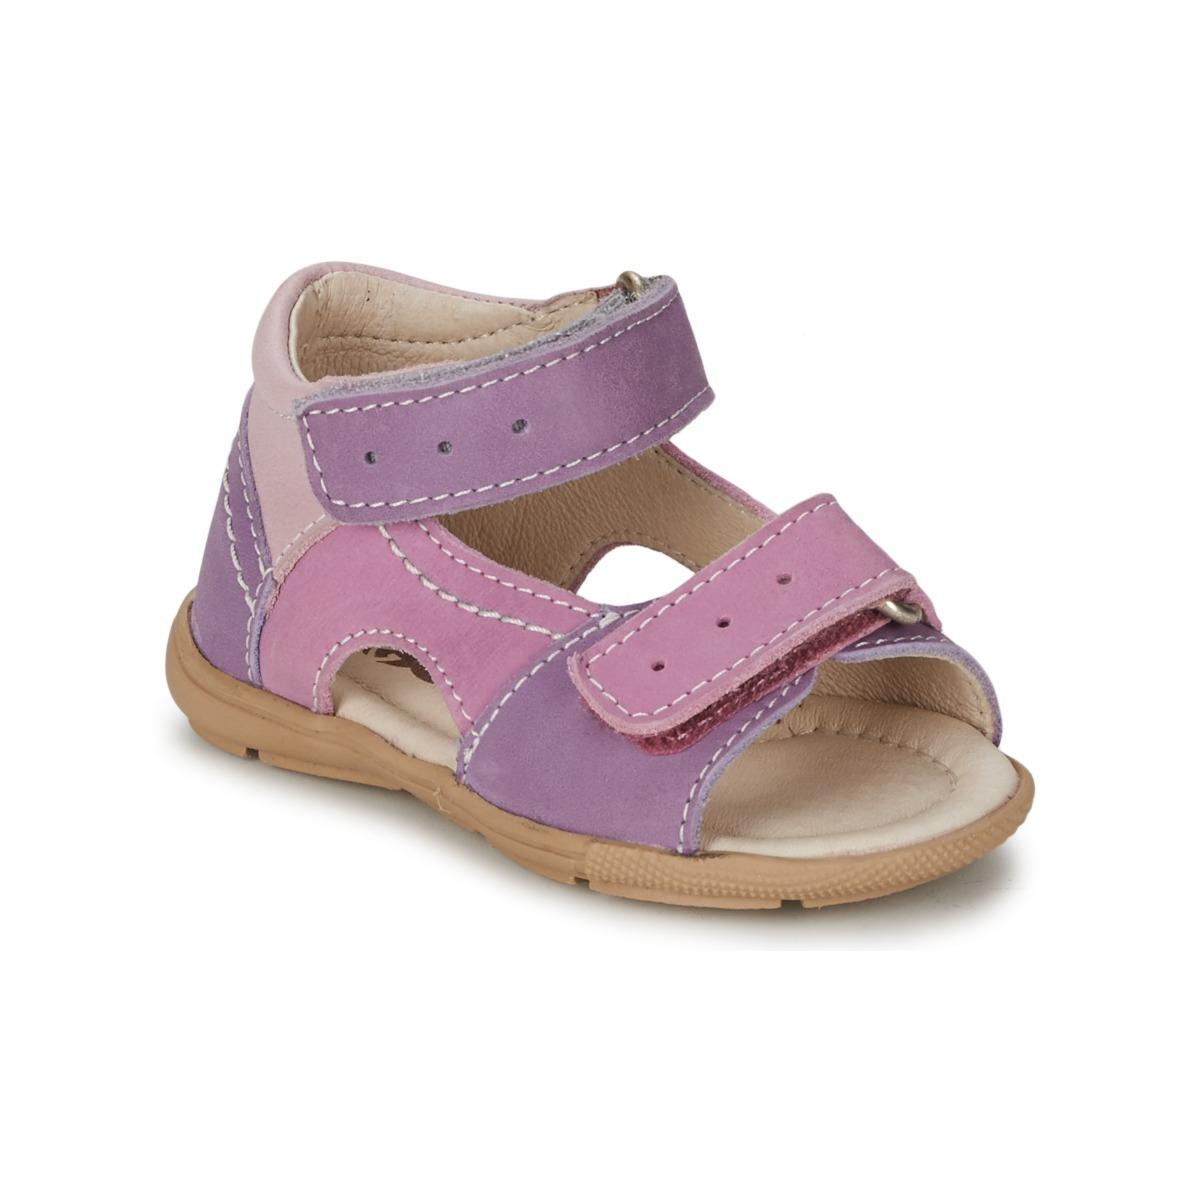 Sandale Citrouille et Compagnie KIMMY G Lilas / Violet / Nuee